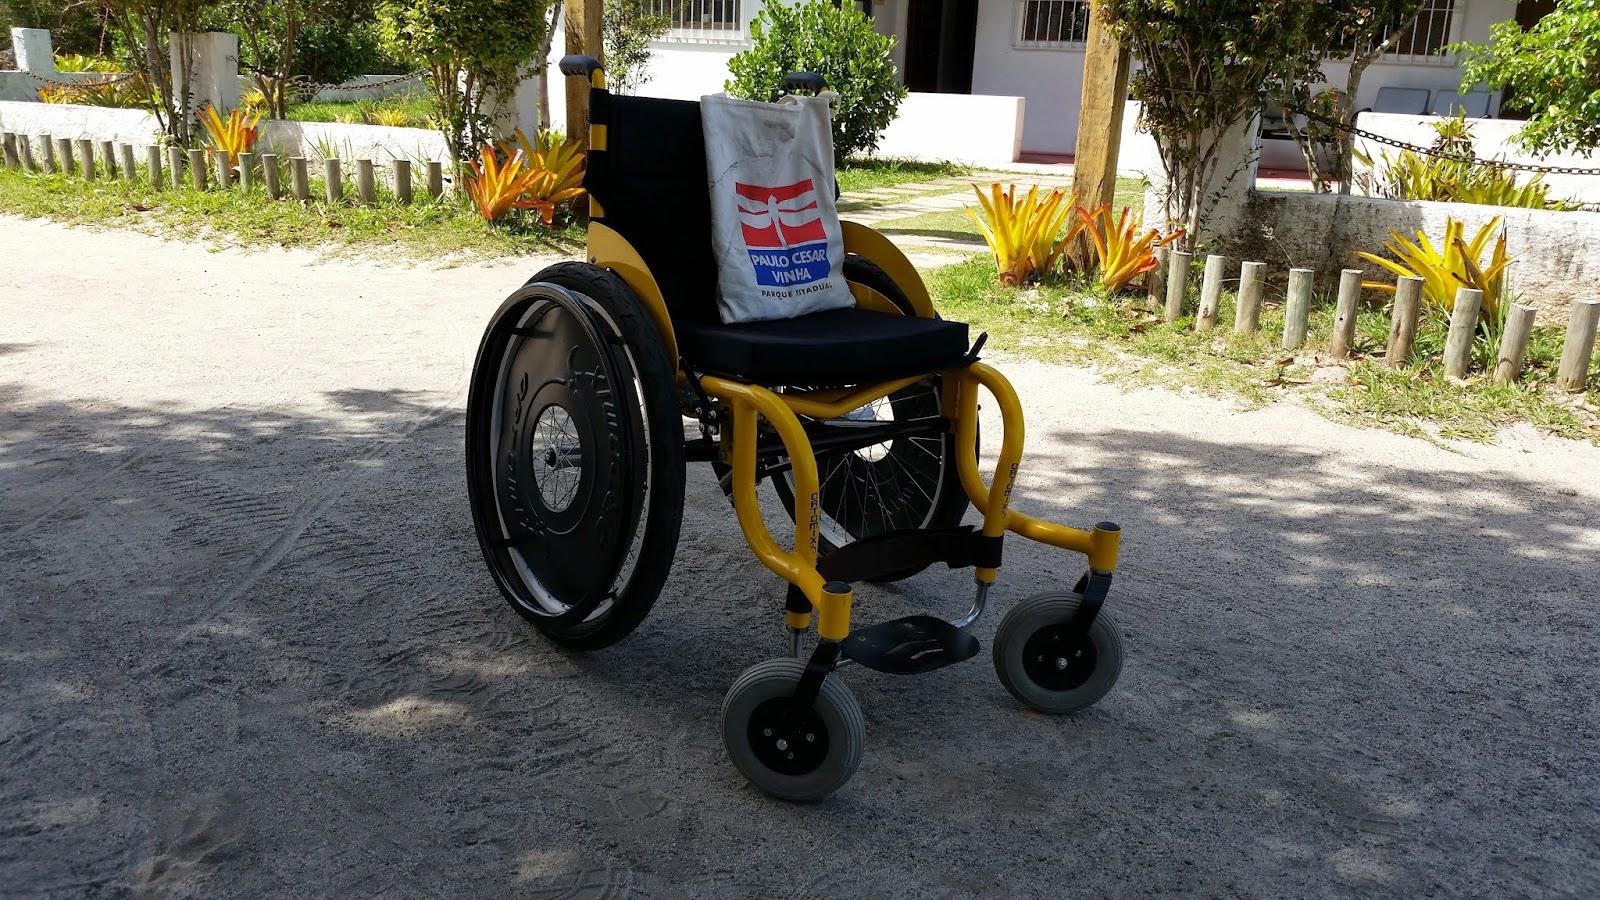 Cadeira de rodas adaptada para terreno acidentado com amortecedor  #AE811D 1600x900 Banheiro Adaptado Deficiente Fisico